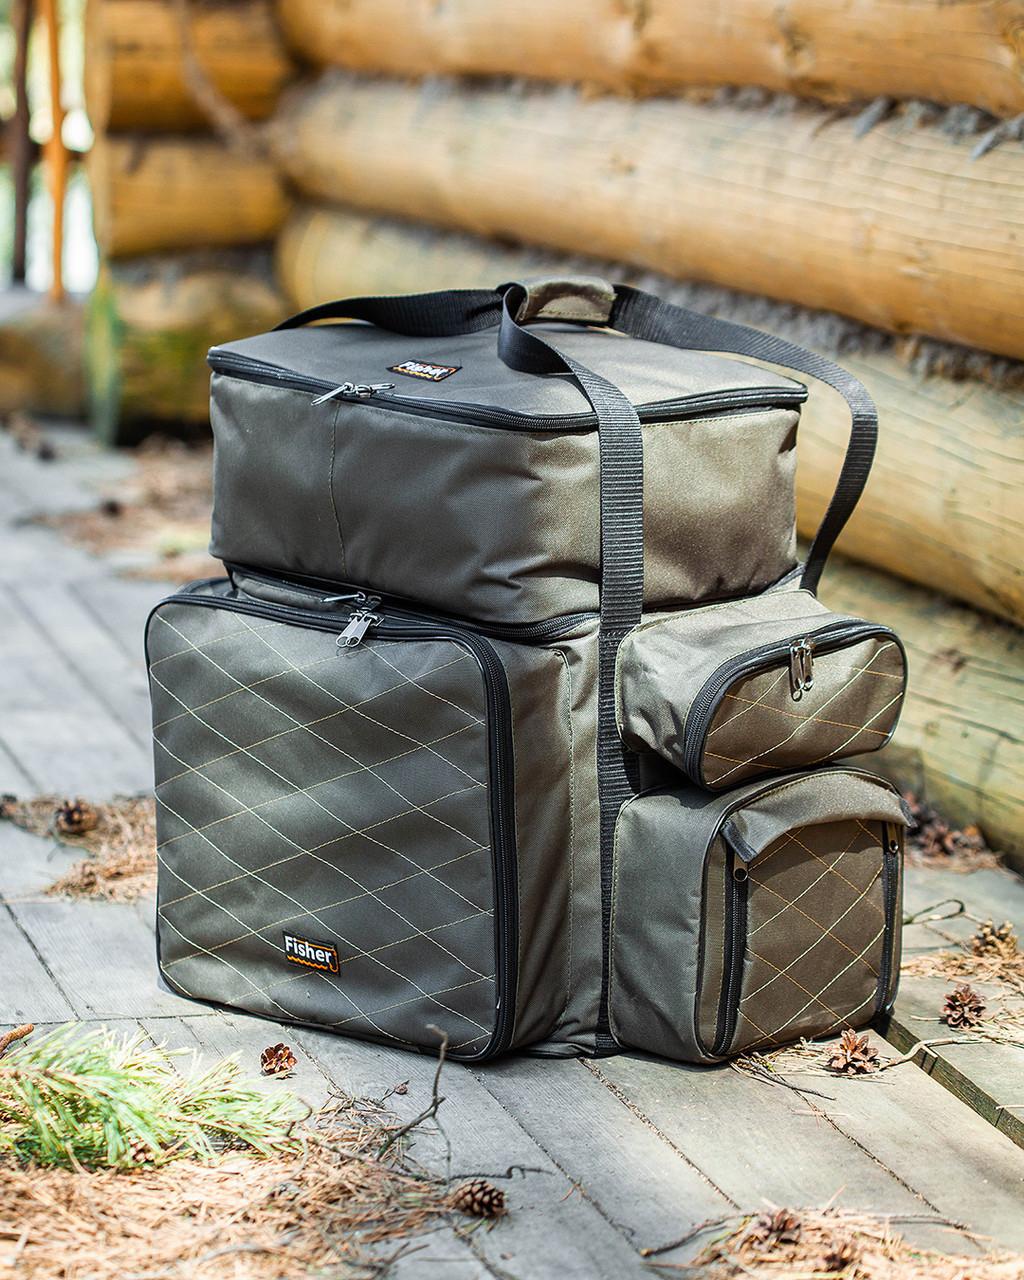 Коропова сумка, Сумка для риболовлі, Сумка універсальна коропова, Сумка Fisher